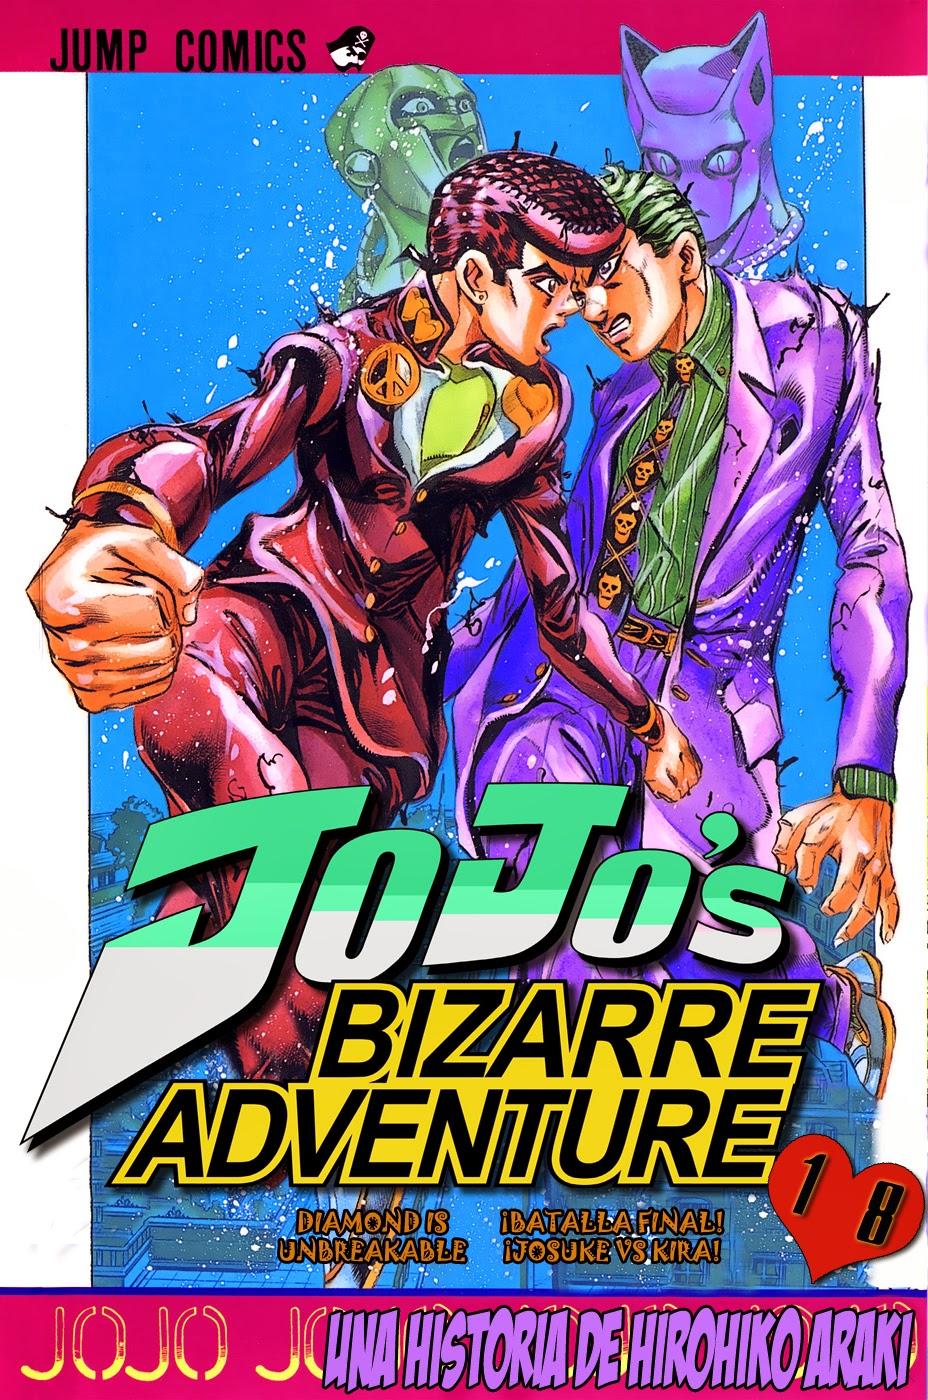 JoJo's Bizarre Adventure: Diamond is Unbreakable Episode 38